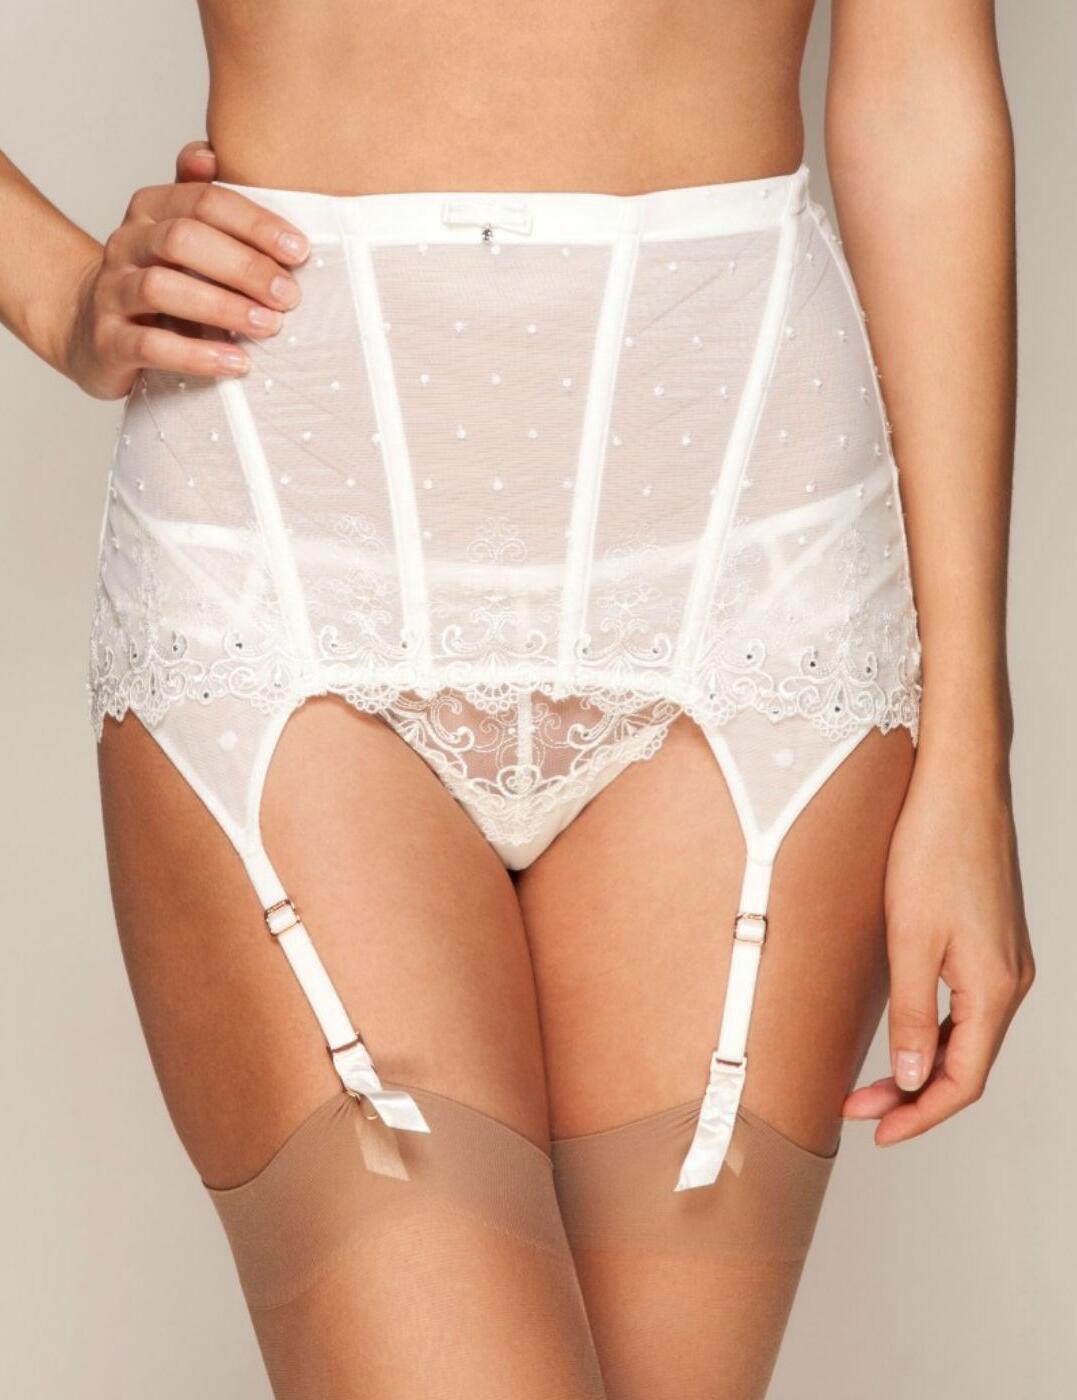 62f142ee9 Gossard Femme Fatale Bridal Waspie Suspender - Belle Lingerie